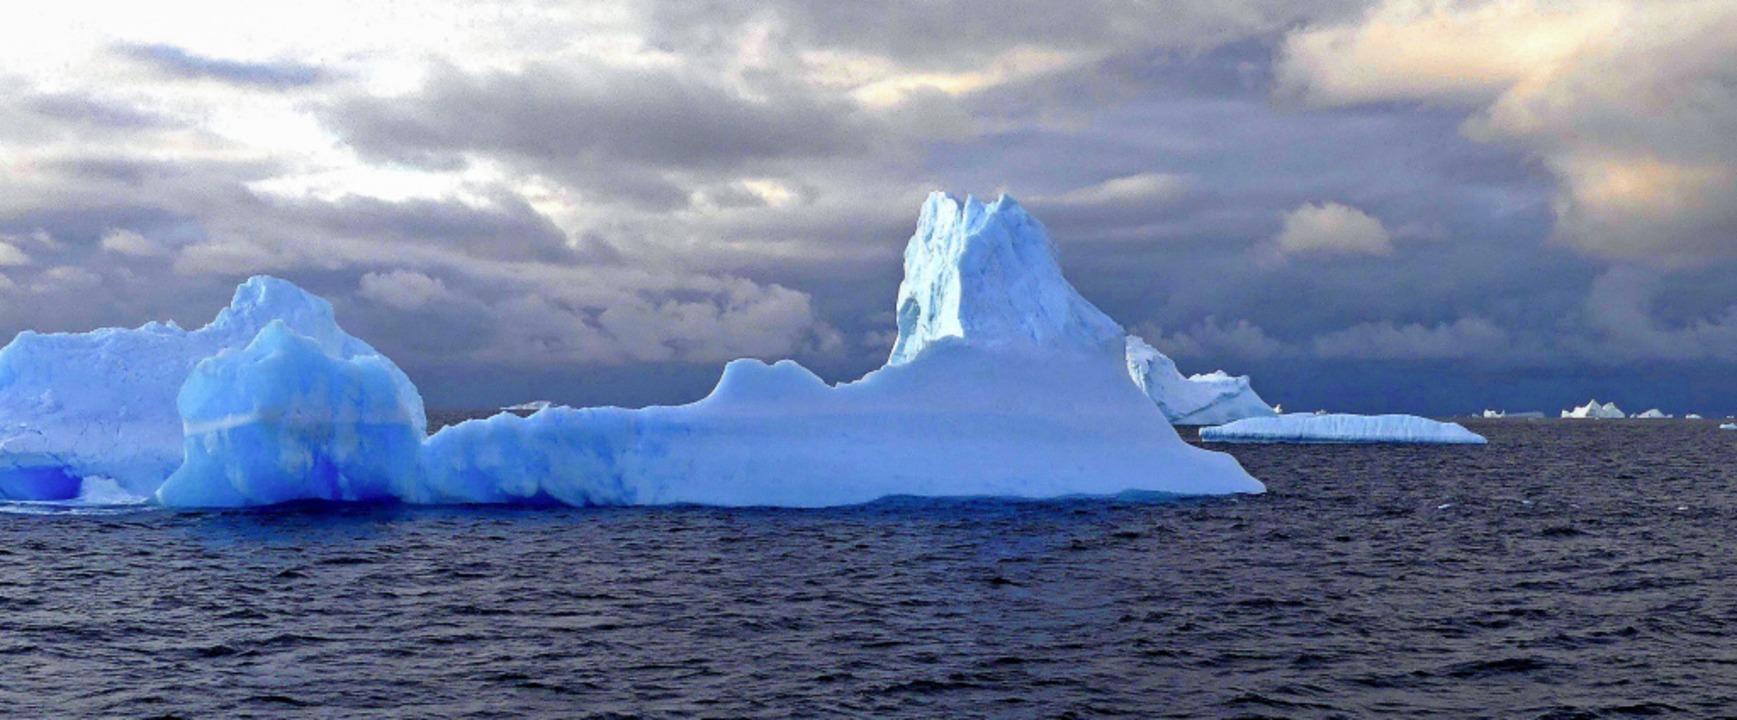 Eisberge treiben von der Antarktis in ... Anstieg des Meeresspiegels beitragen.  | Foto: Willi Germund